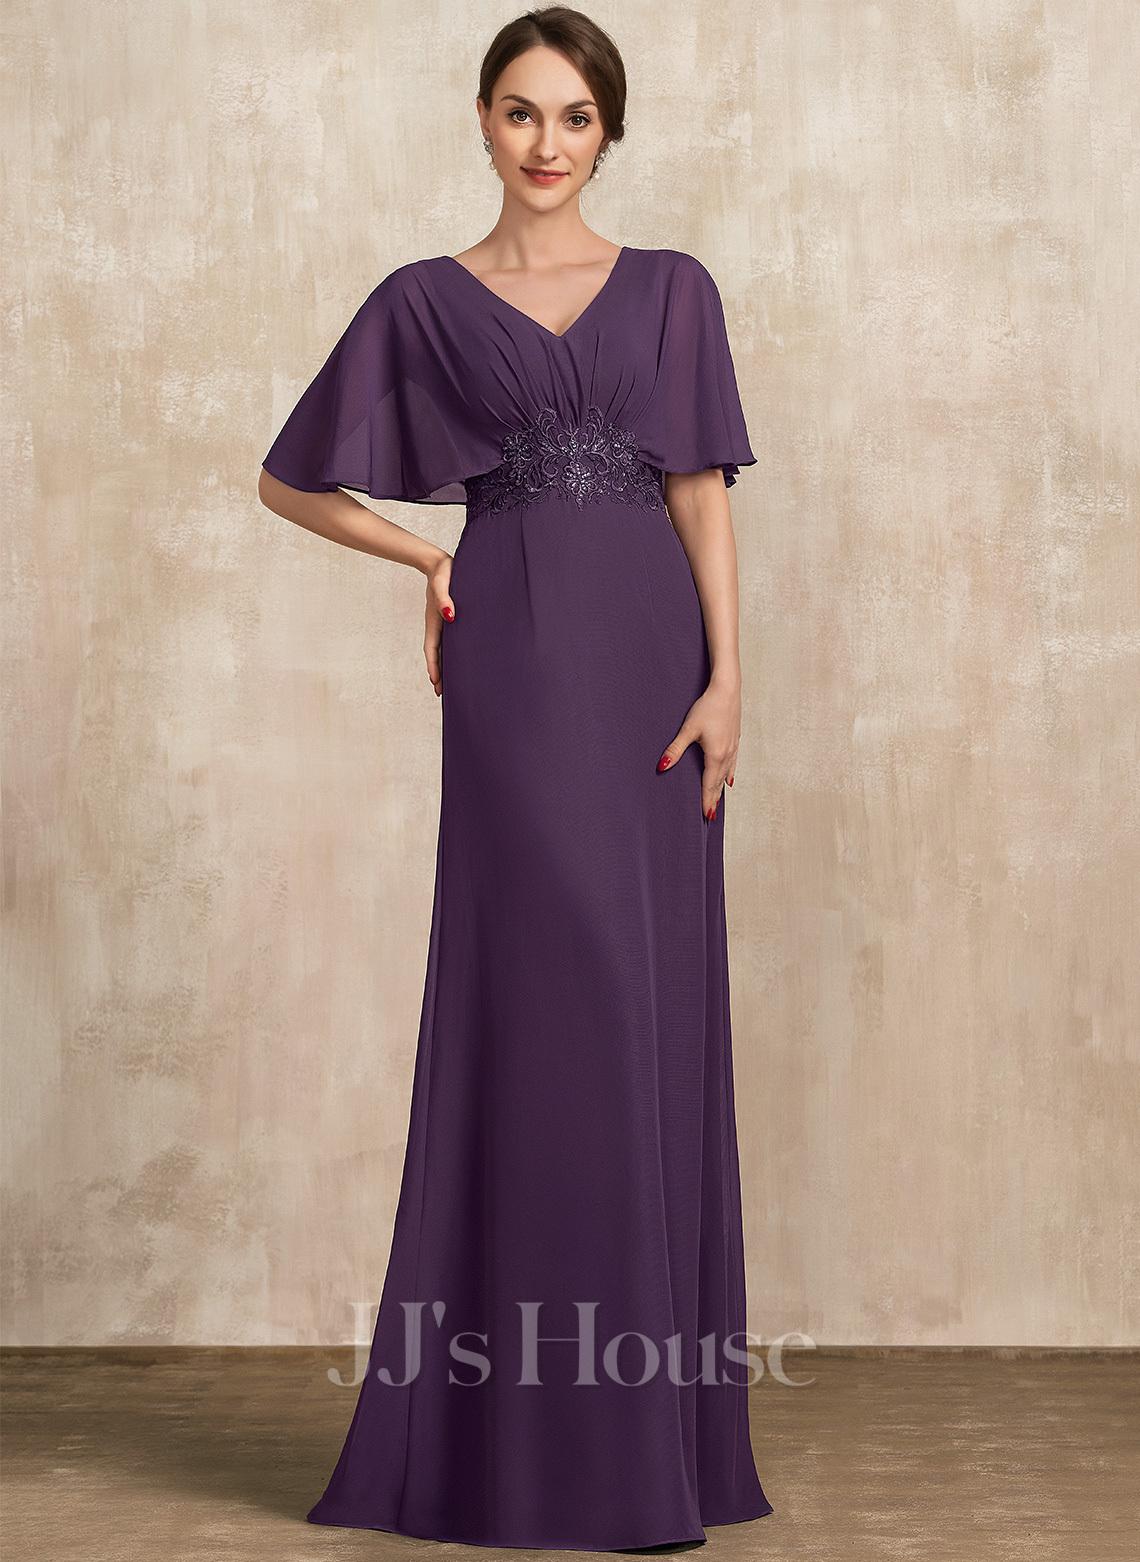 A-Linie V-Ausschnitt Bodenlang Chiffon Kleid für die Brautmutter mit Spitze Pailletten